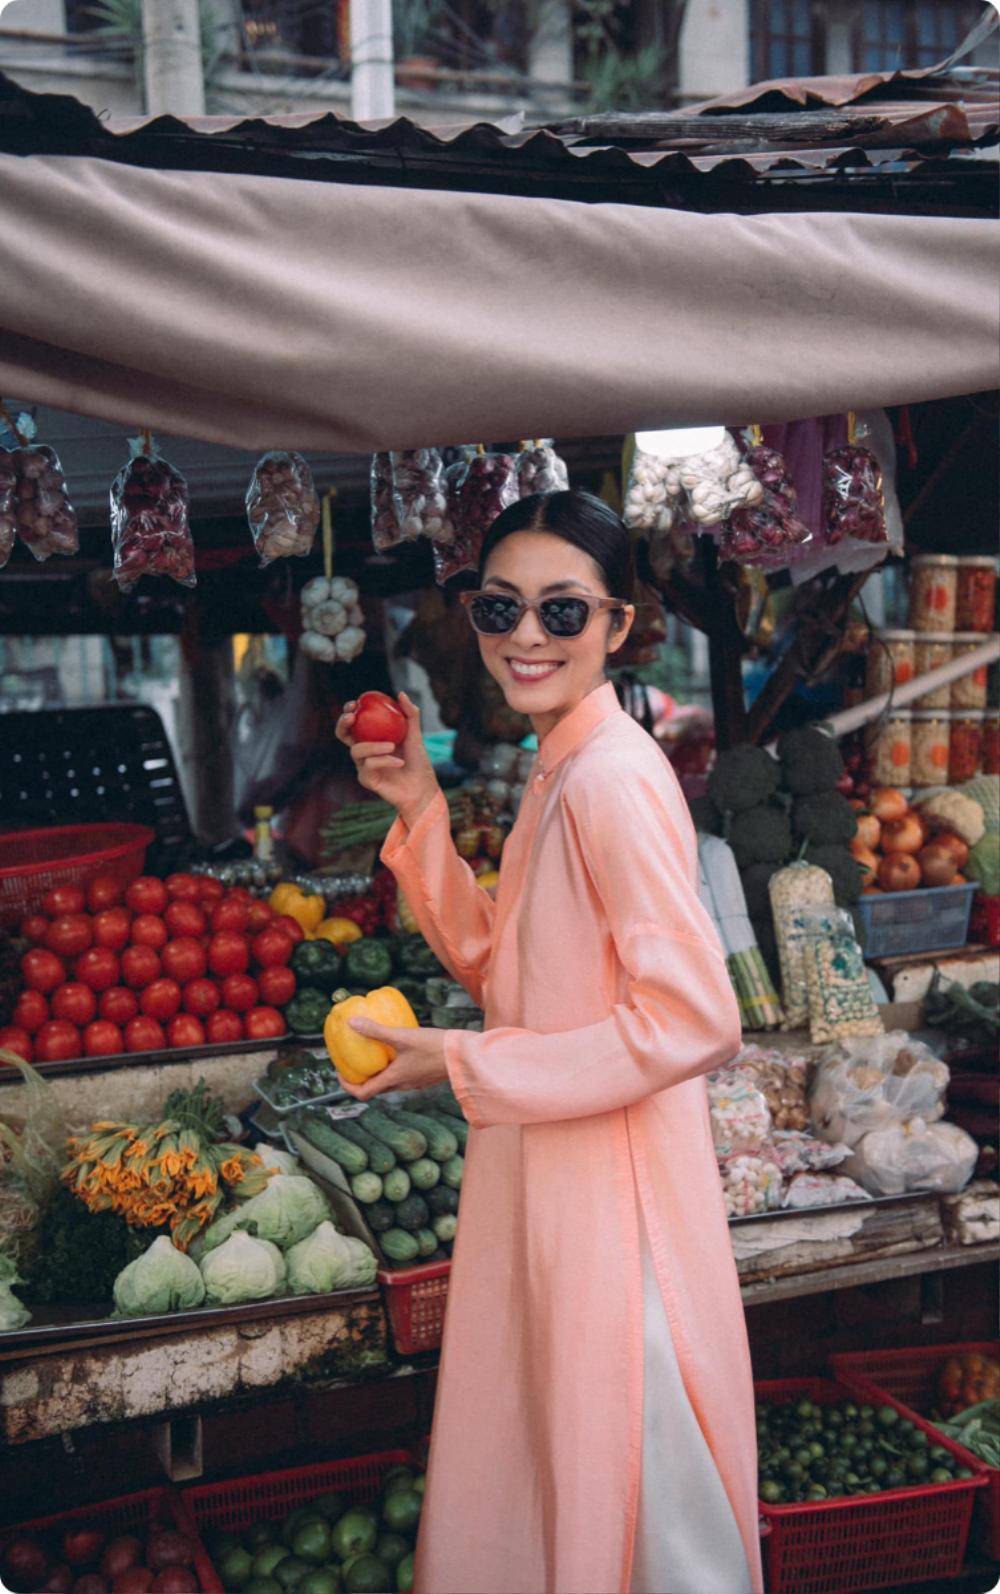 Tăng Thanh Hà tung tăng cùng bạn thân diện áo dài đi chợ sáng sau Tết Ảnh 4